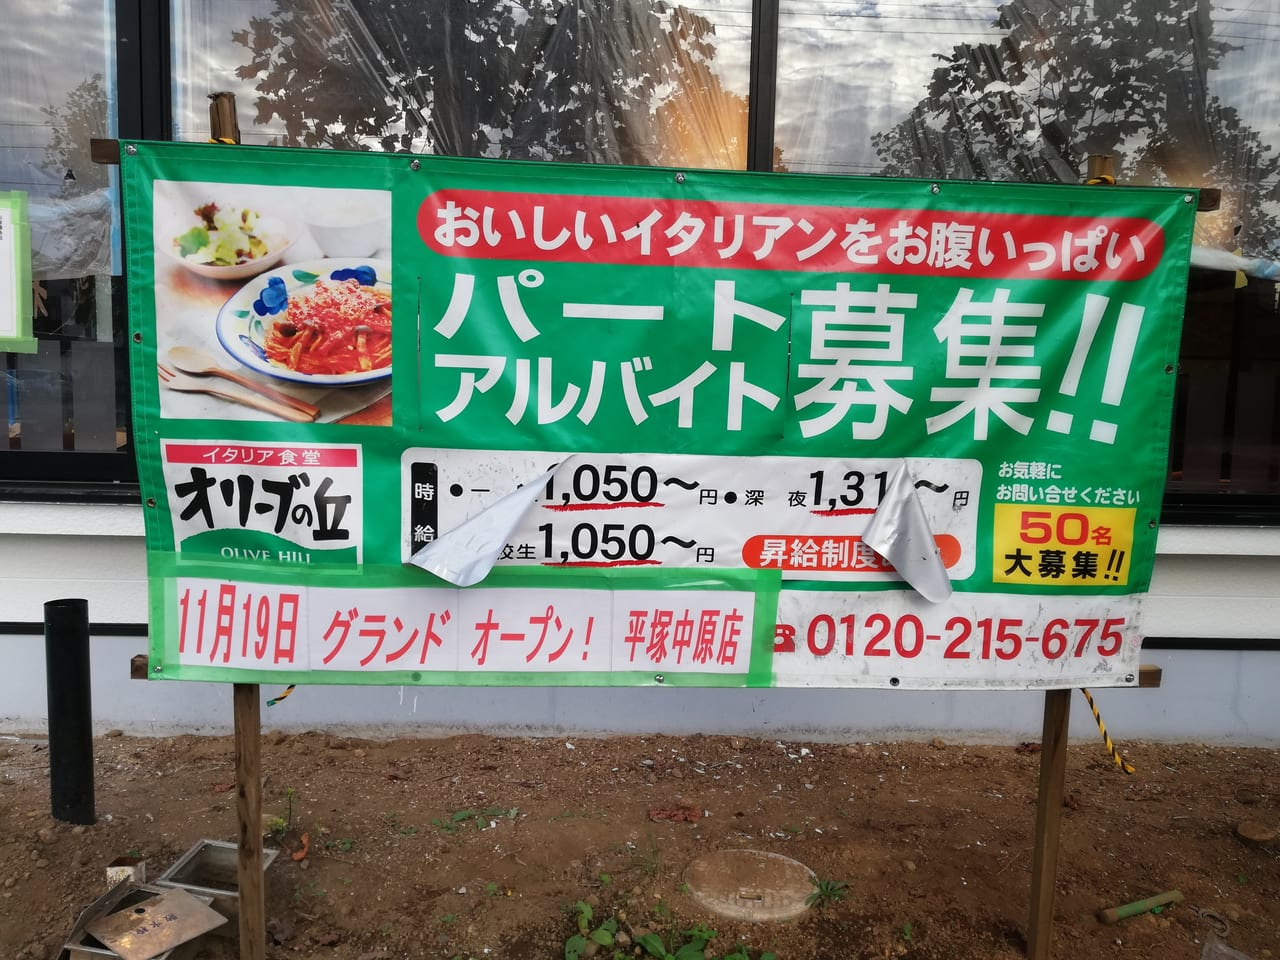 「オリーブの丘 平塚中原店」が11月19日(木)にグランドオープン予定!